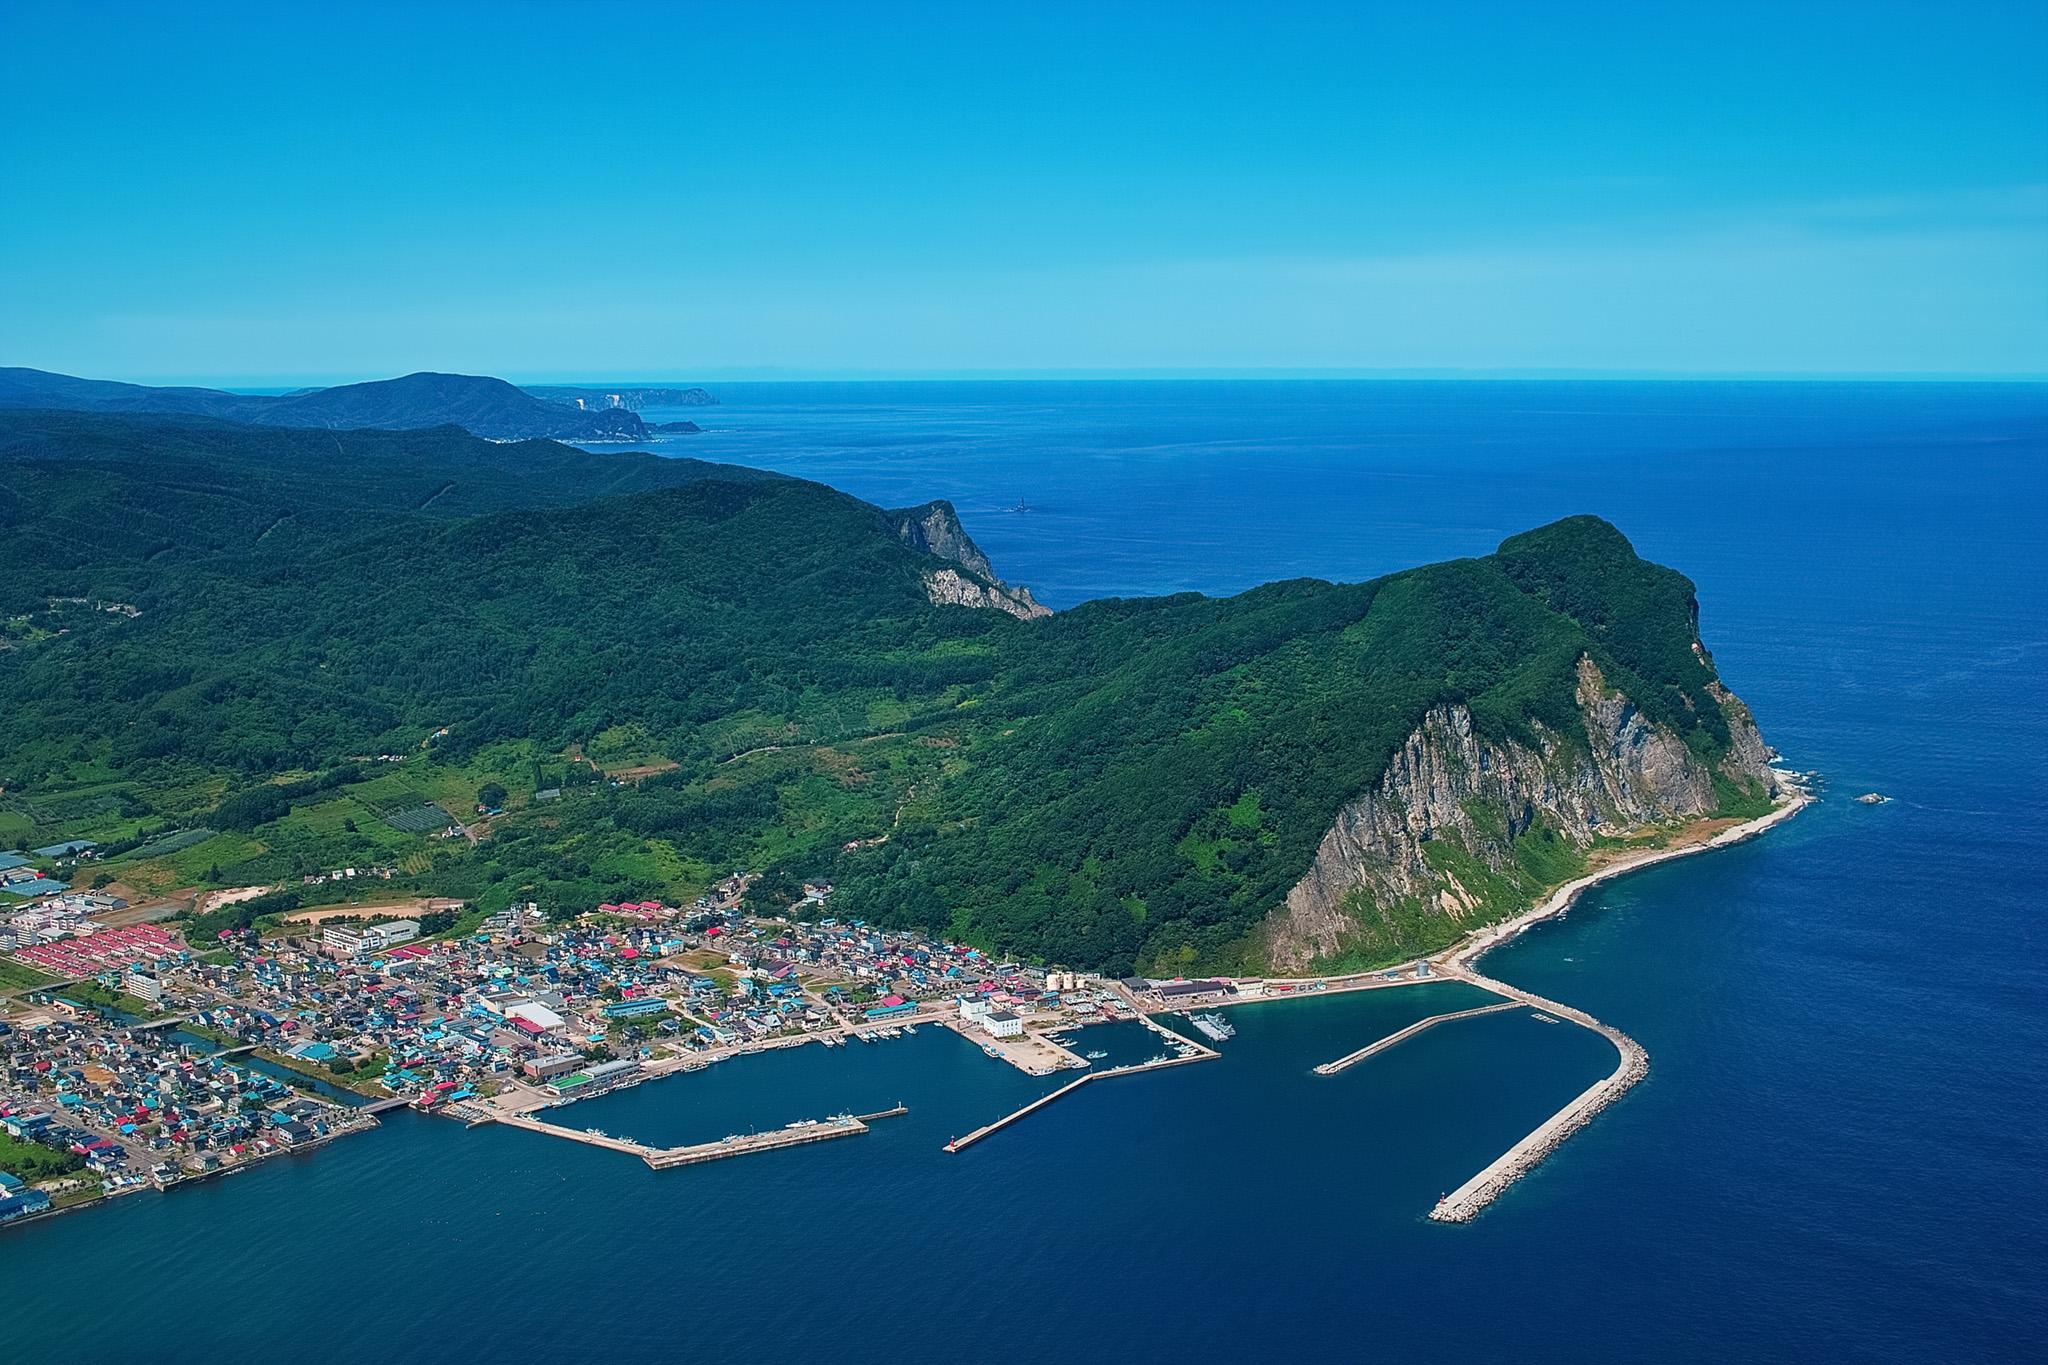 岬のある港町